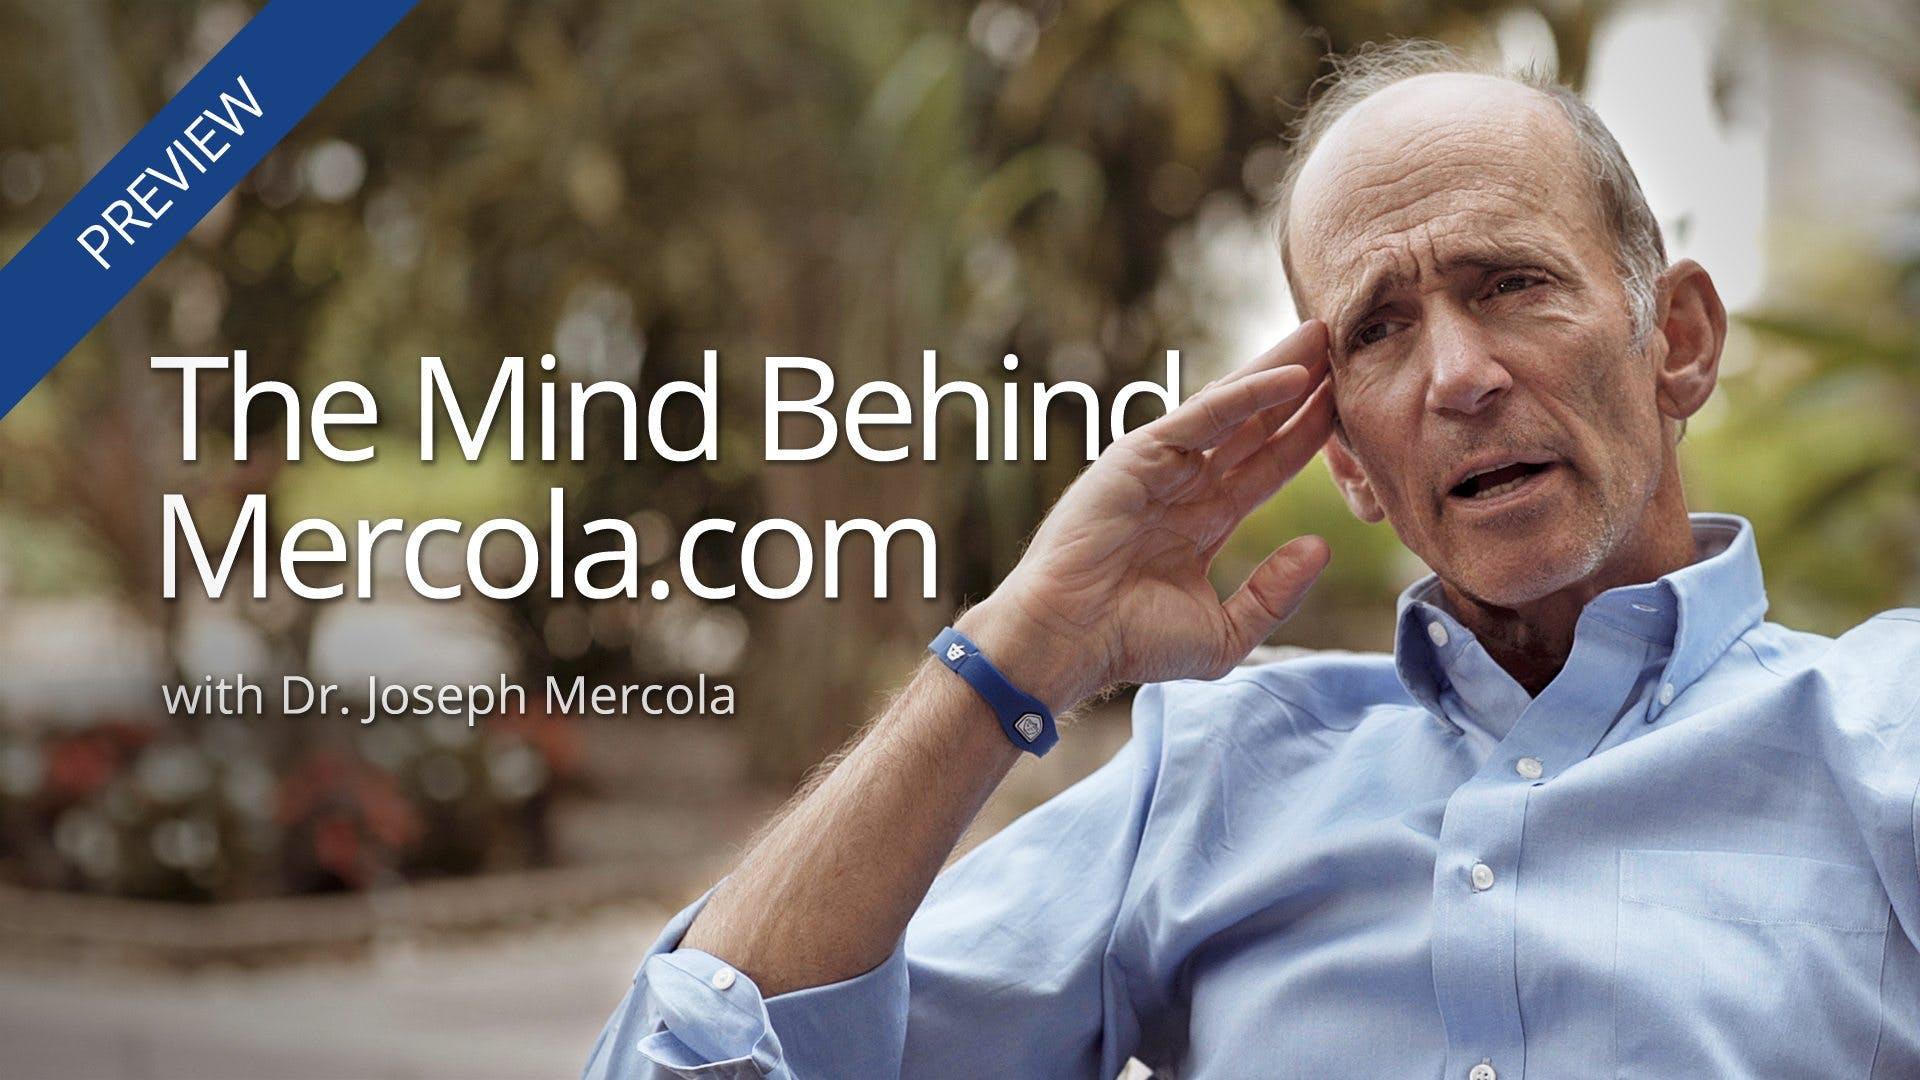 The Mind Behind Mercola.com